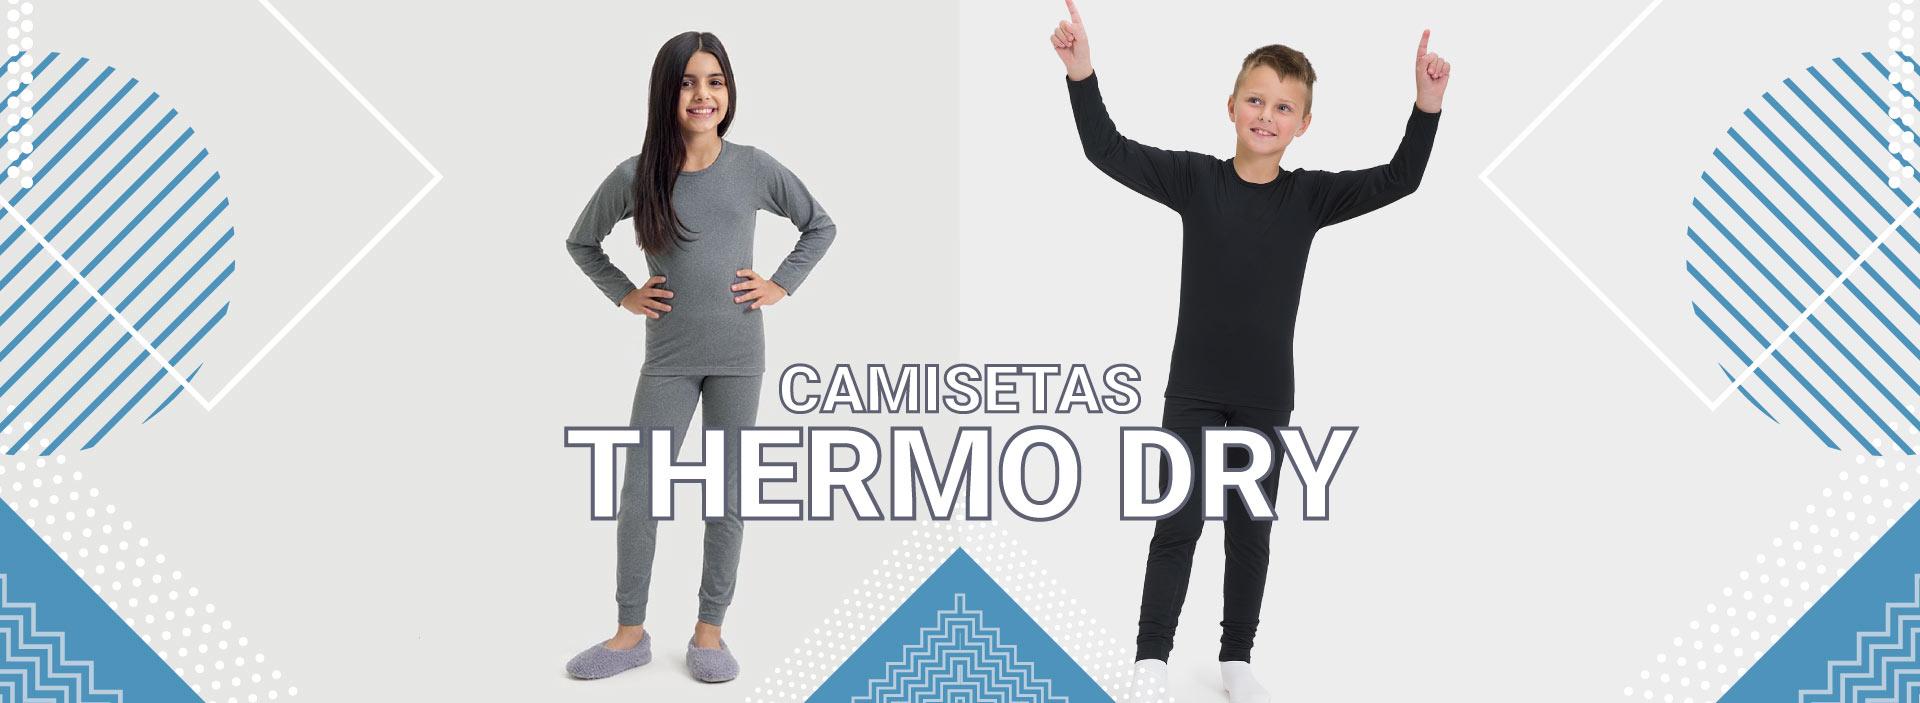 Camisetas Thermo Dry